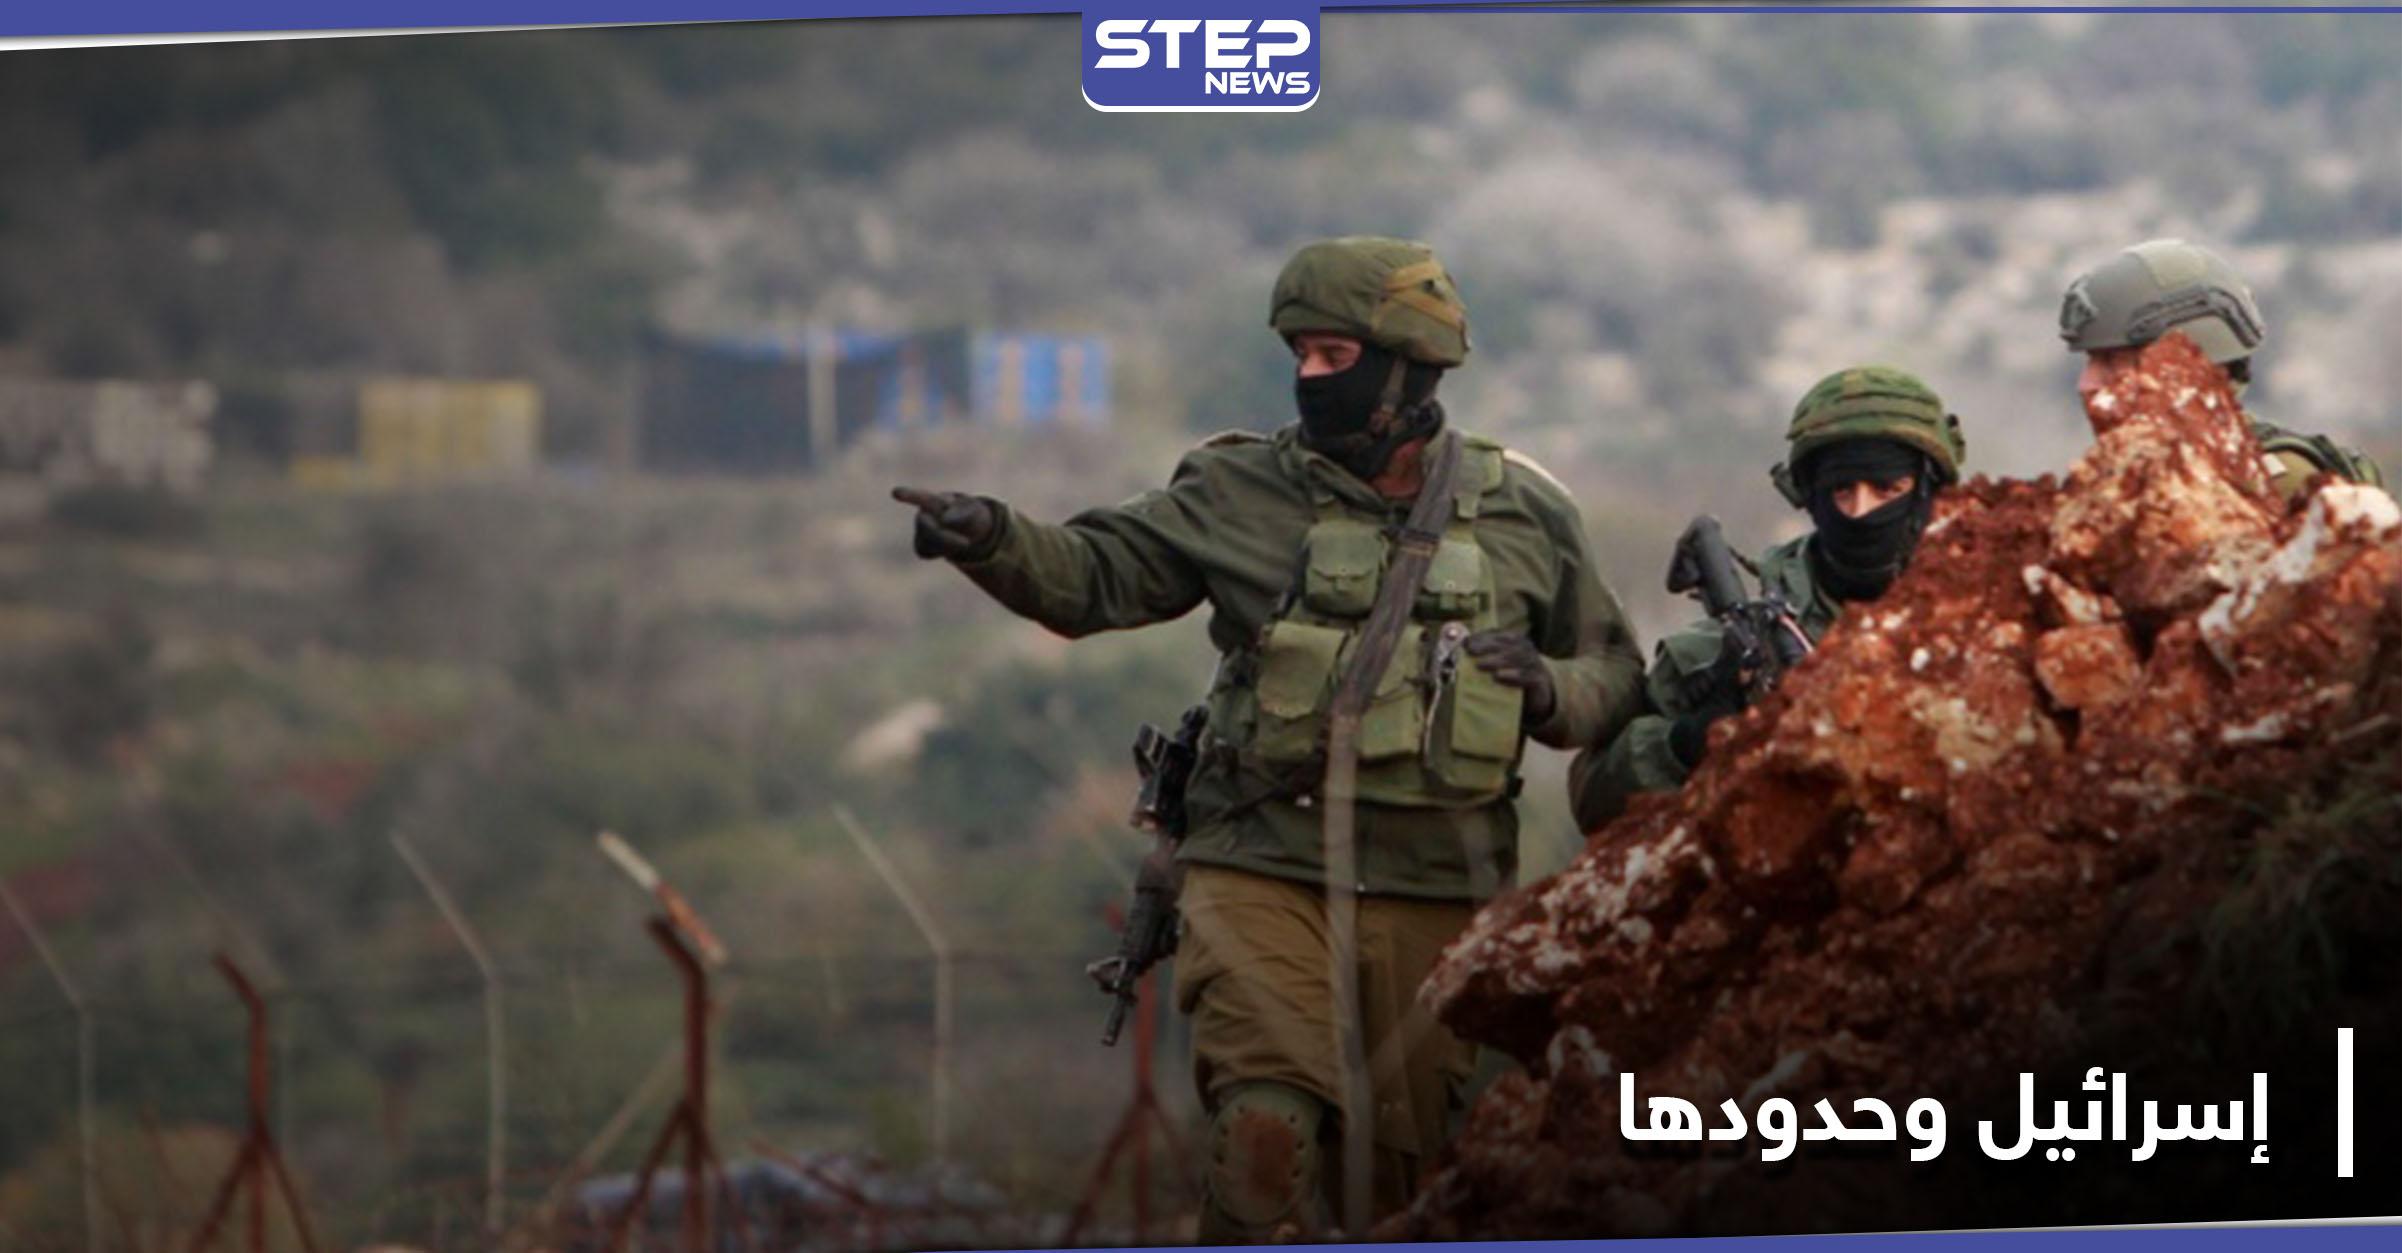 """إسرائيل تصادق على بناء """"درع الشمال"""" مع سوريا ولبنان"""